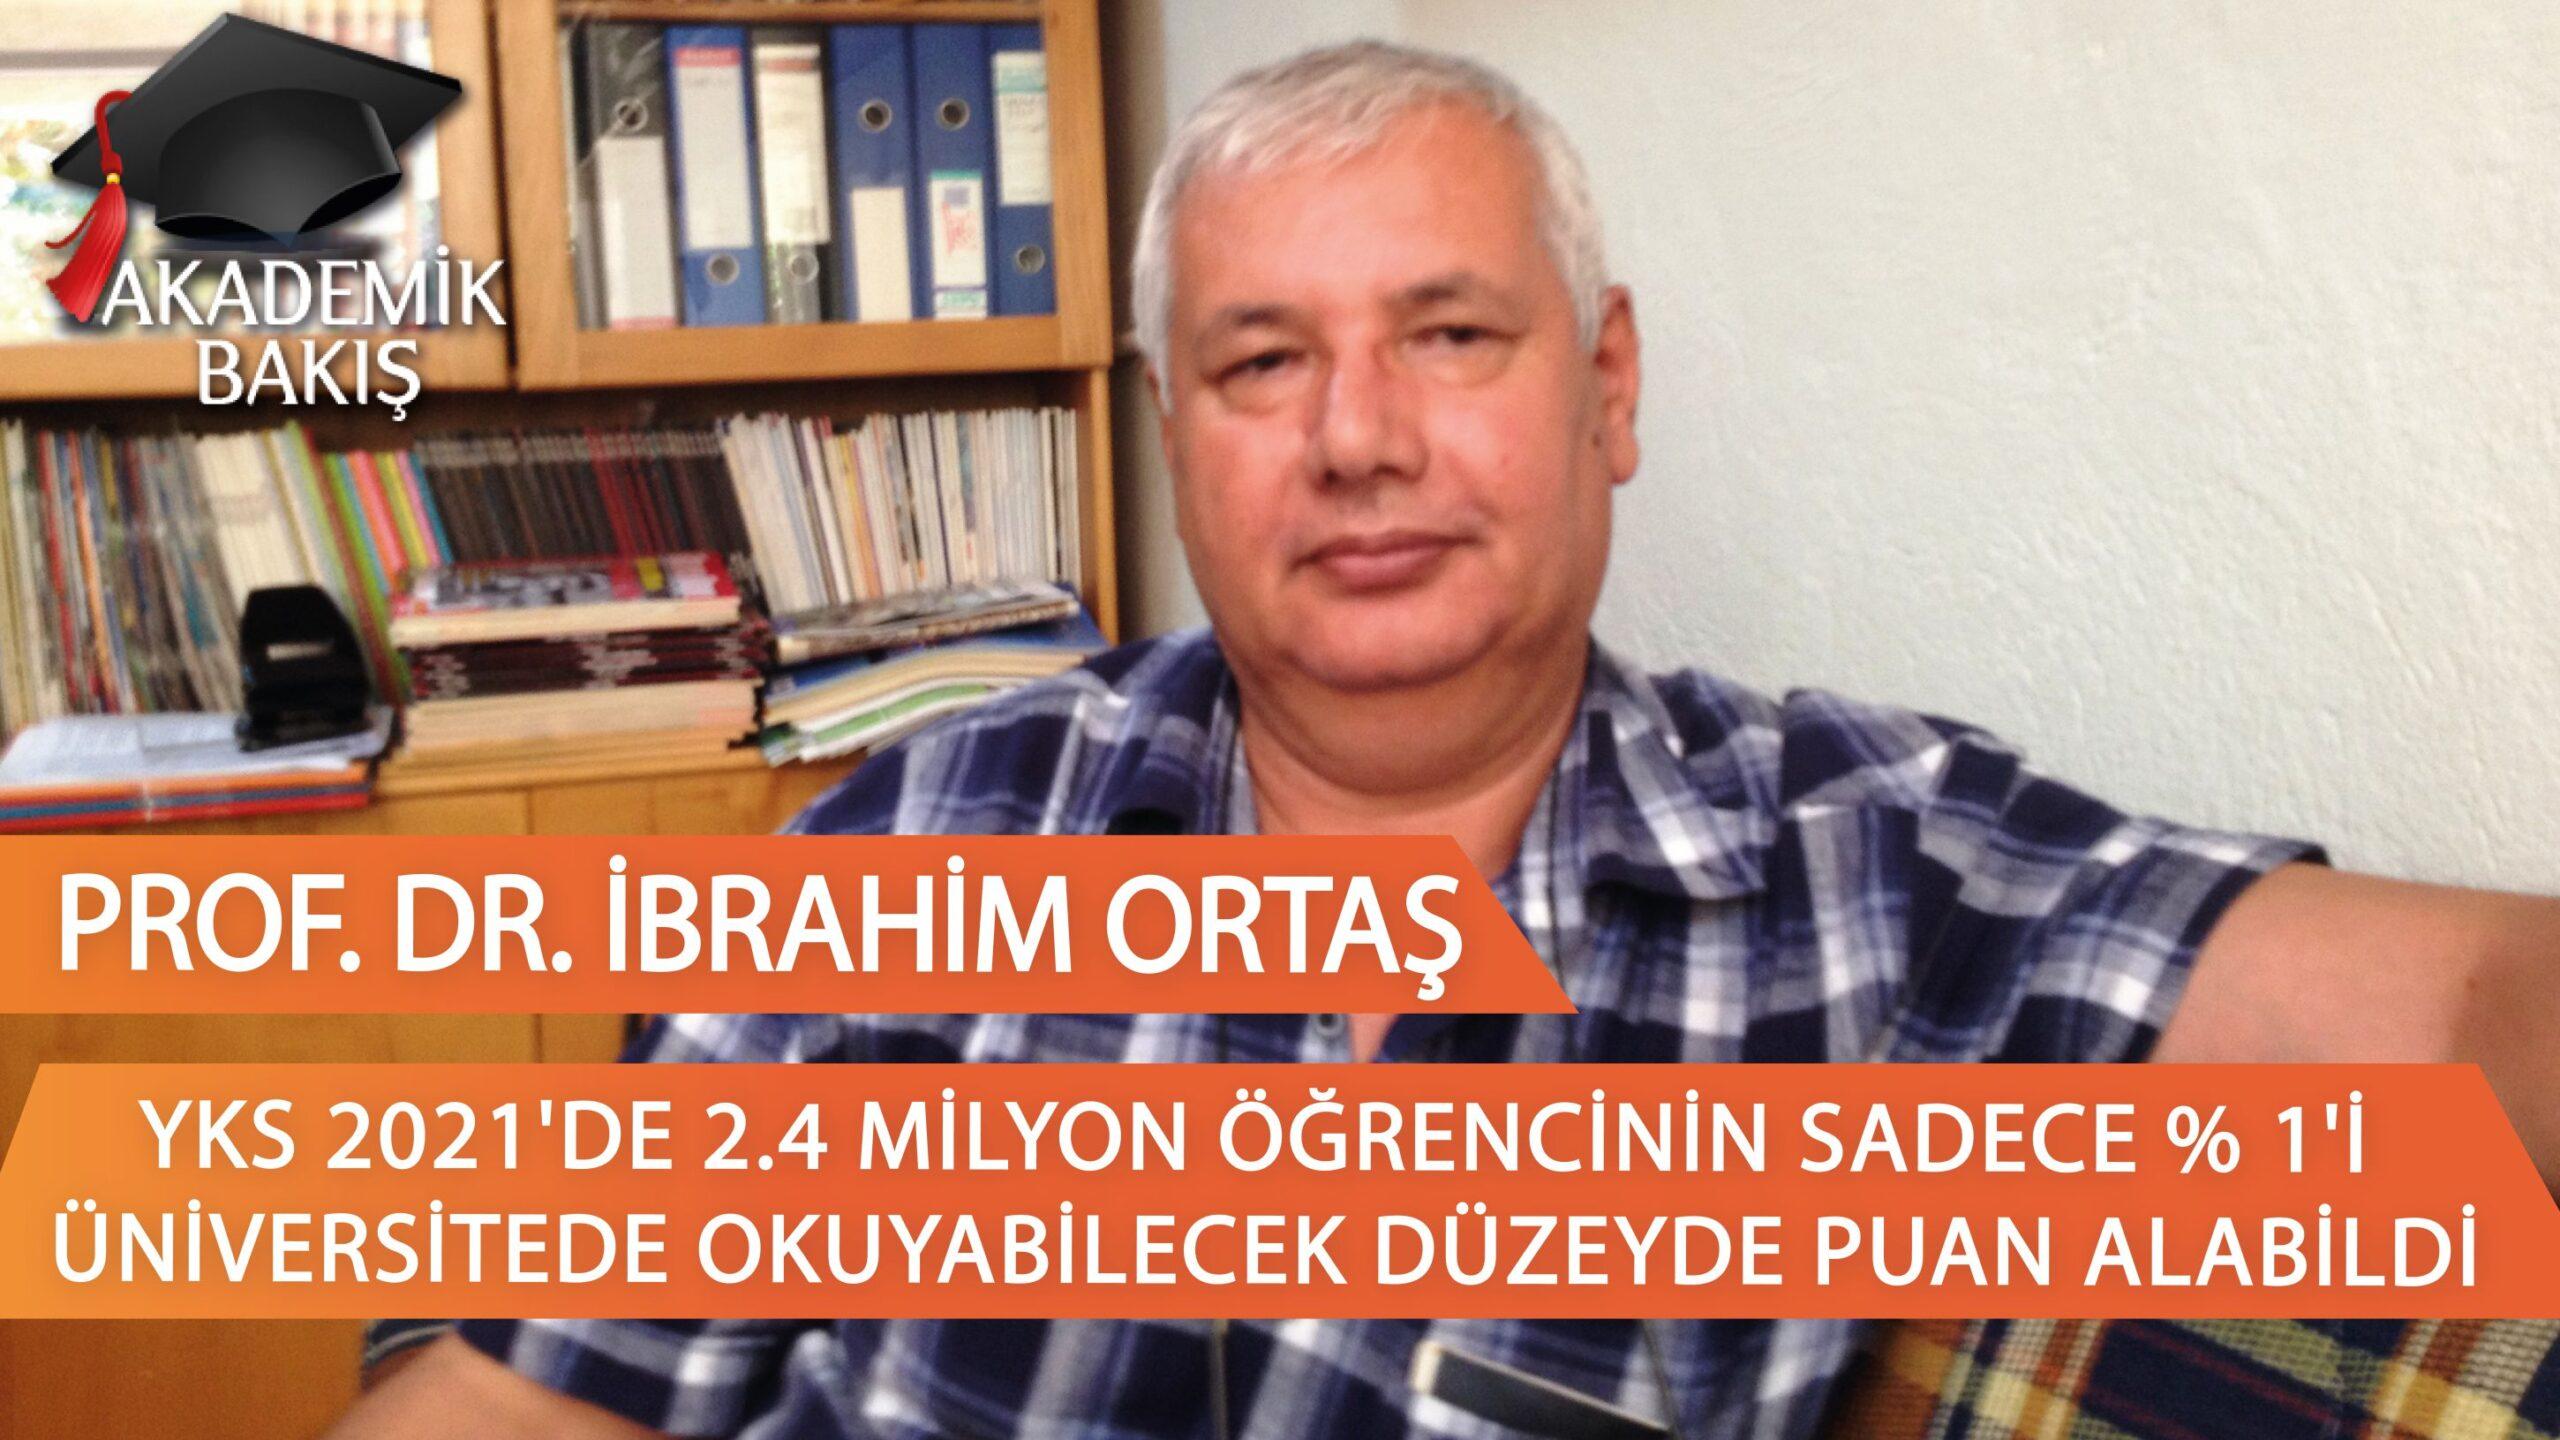 """Prof.Dr. İbrahim Ortaş: """"Paralı Eğitime Karşıyım!"""""""